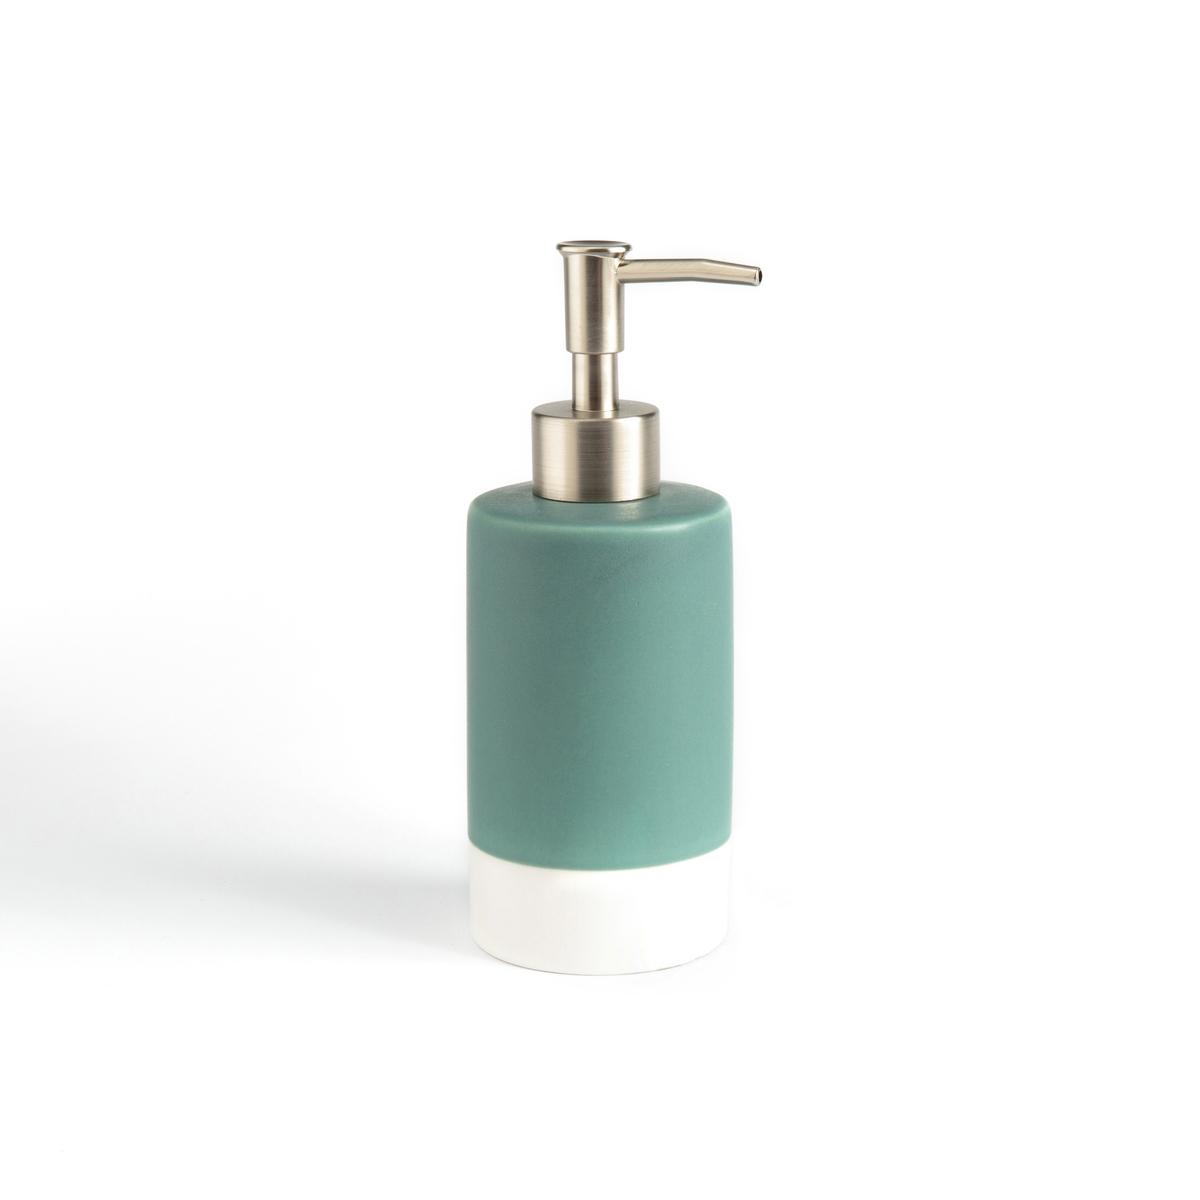 Дозатор для мыла CALIADE napoli кухонный дозатор для моющих жидкостей 967124